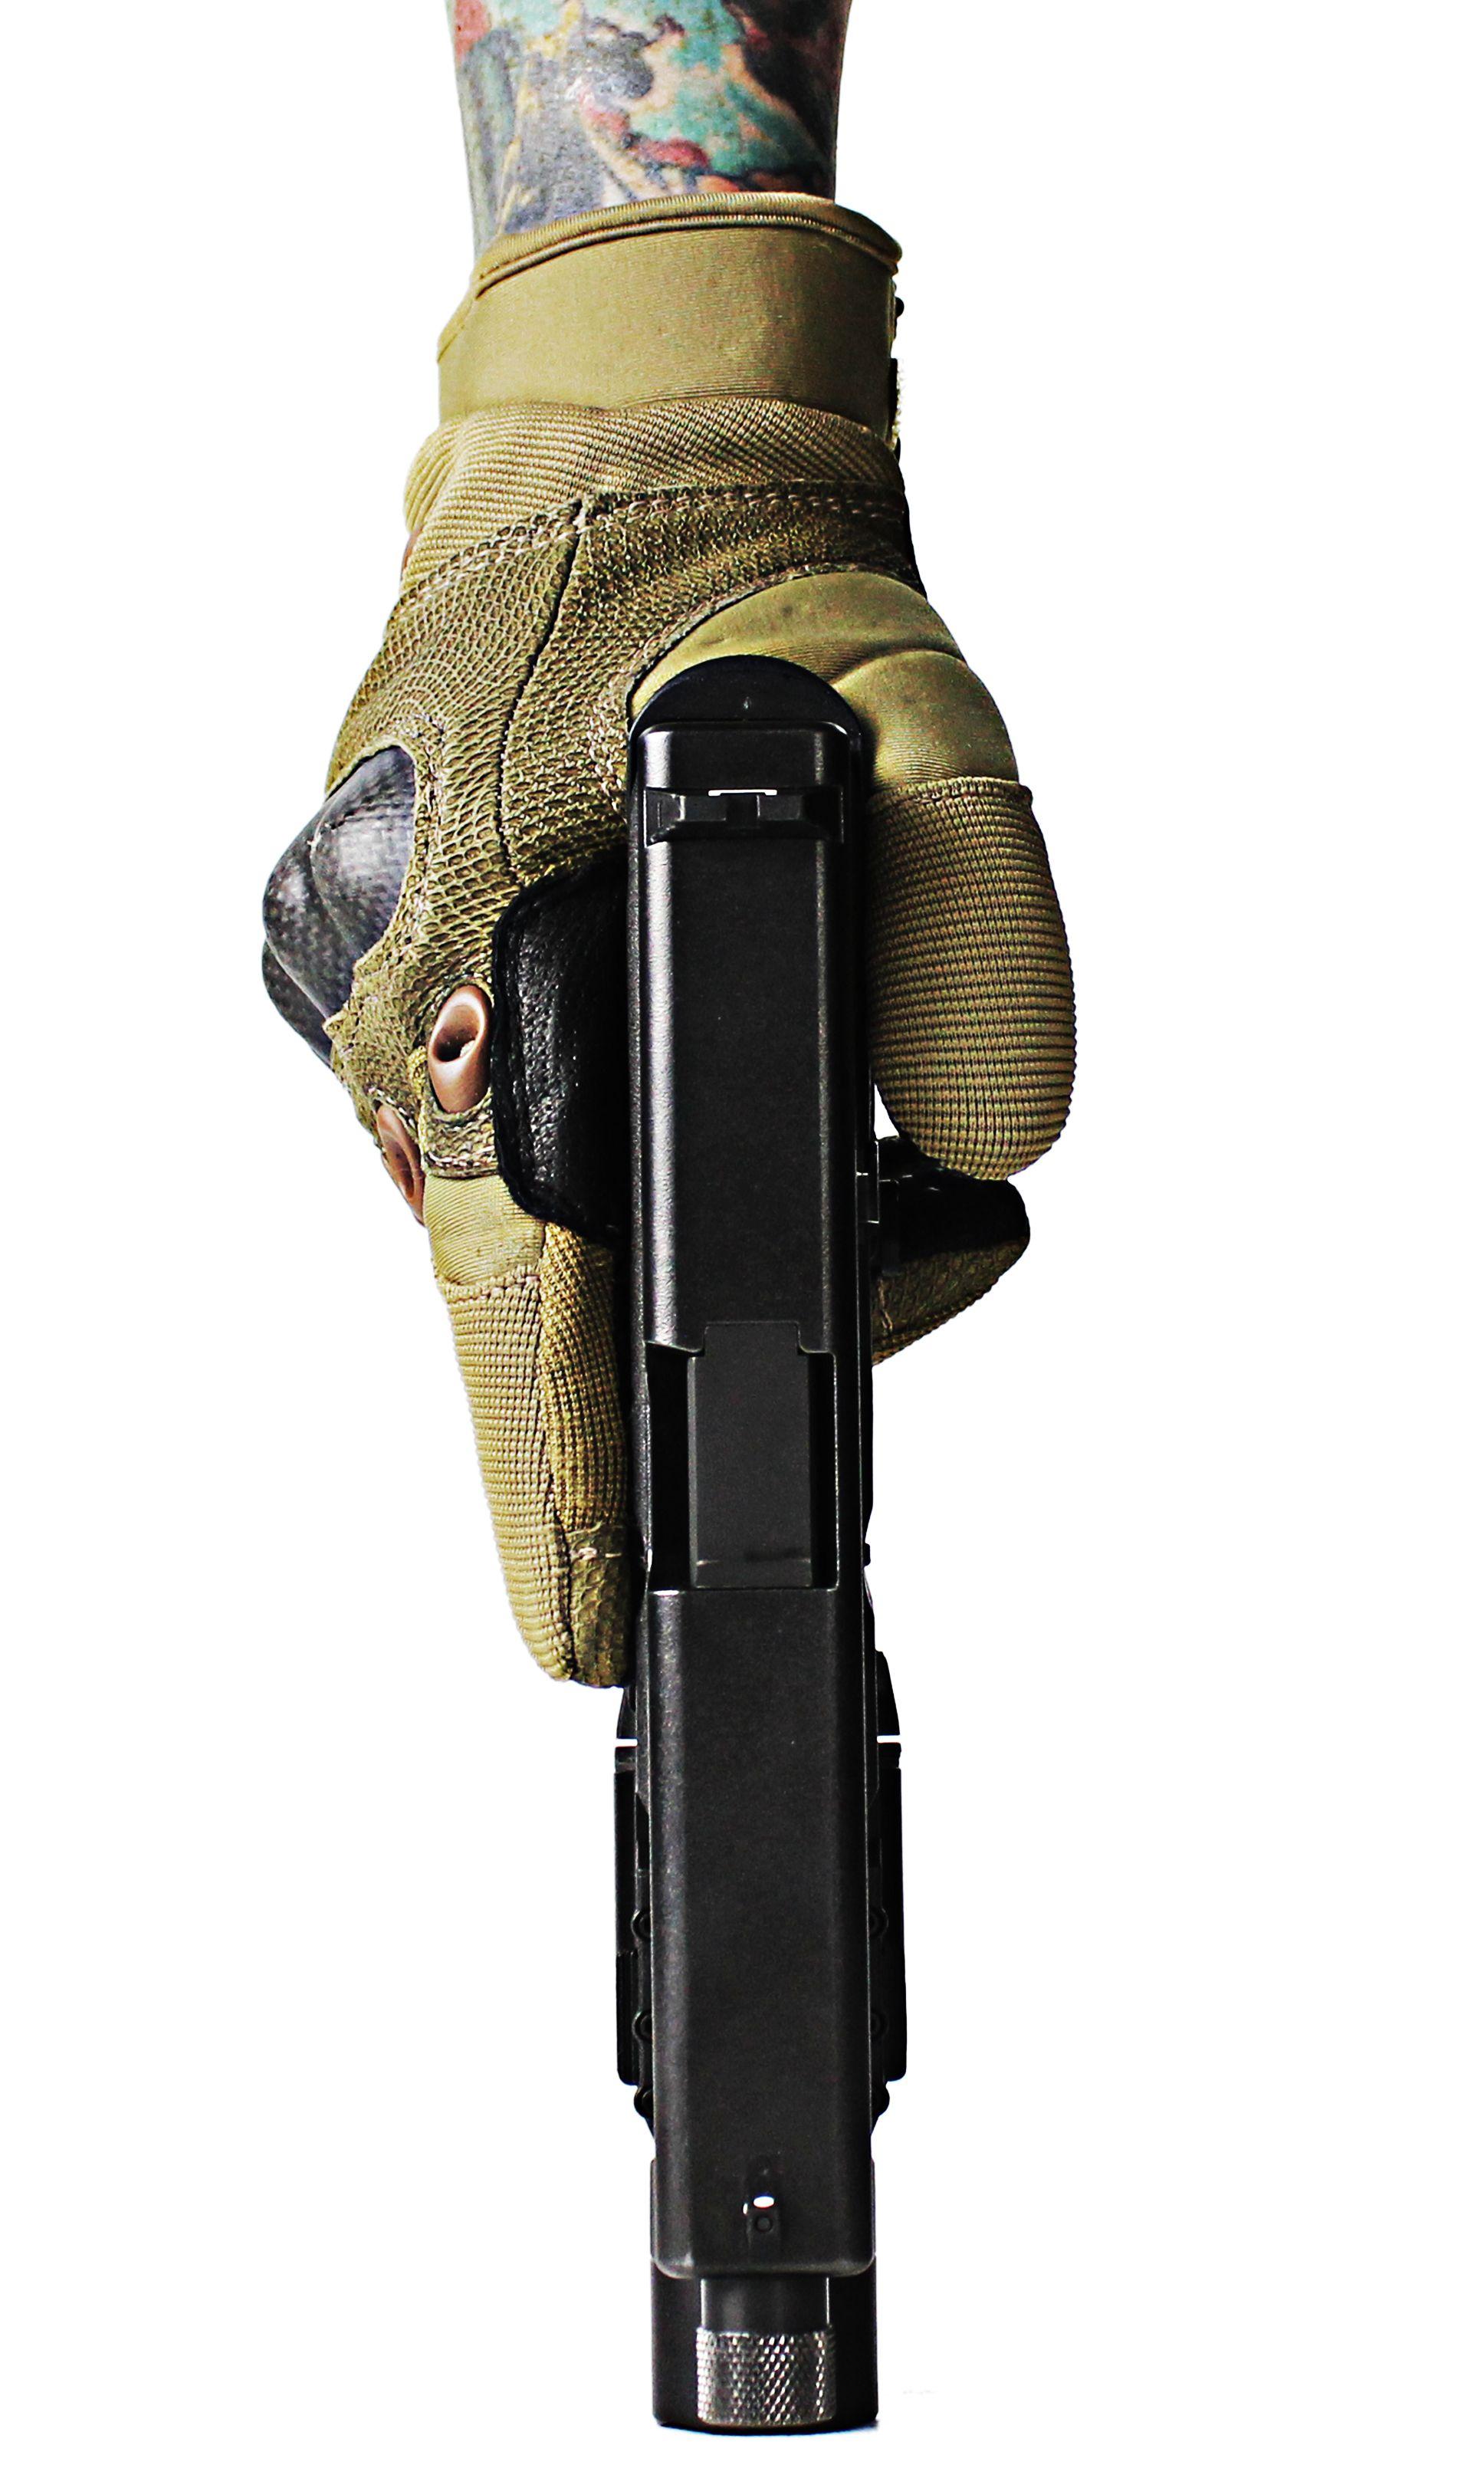 #Glock22RTF2 #OakleyAssault